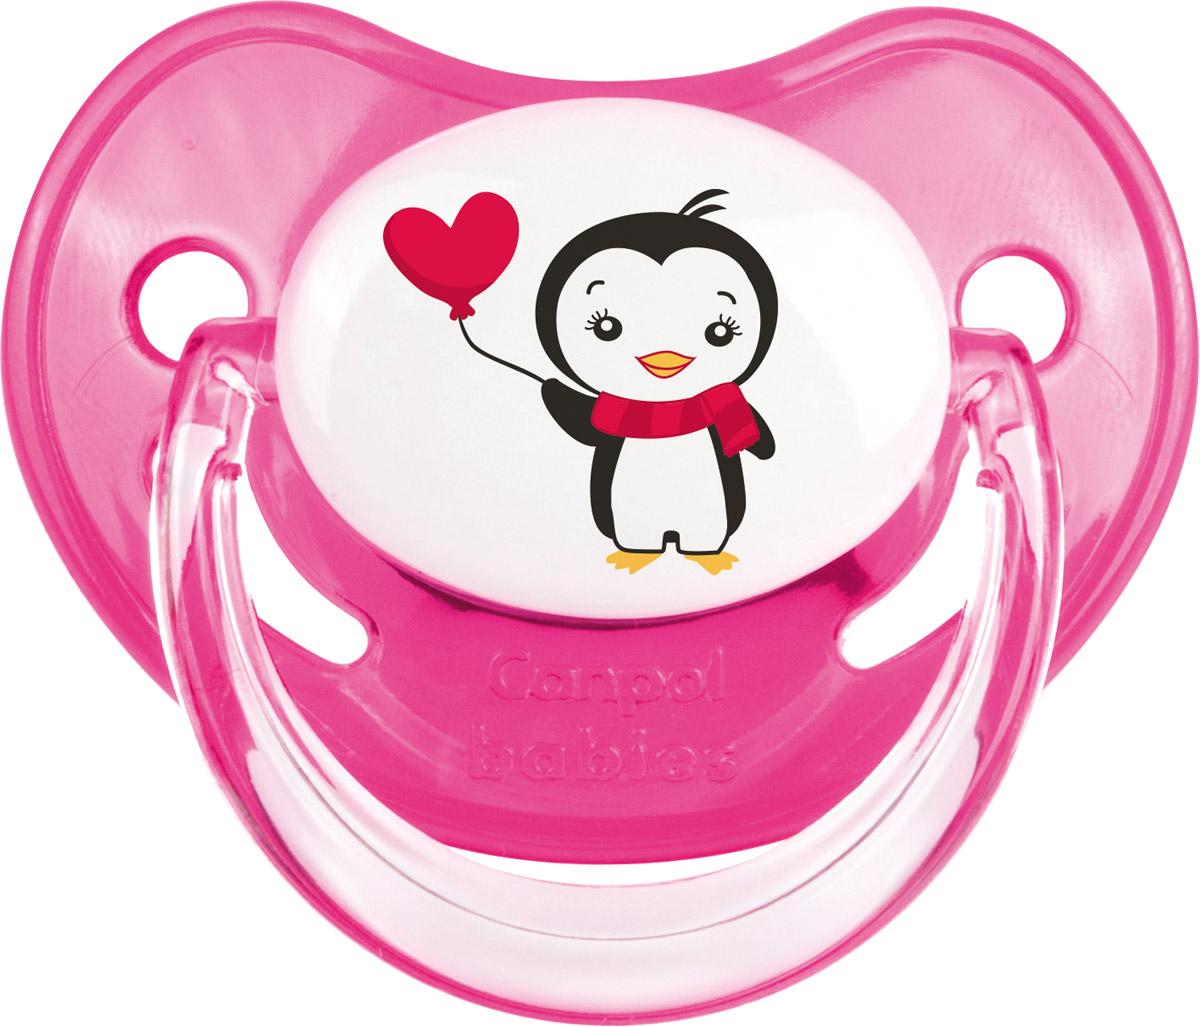 Canpol Babies Пустышка латексная ортодонтическая Penguin от 18 месяцев цвет розовый